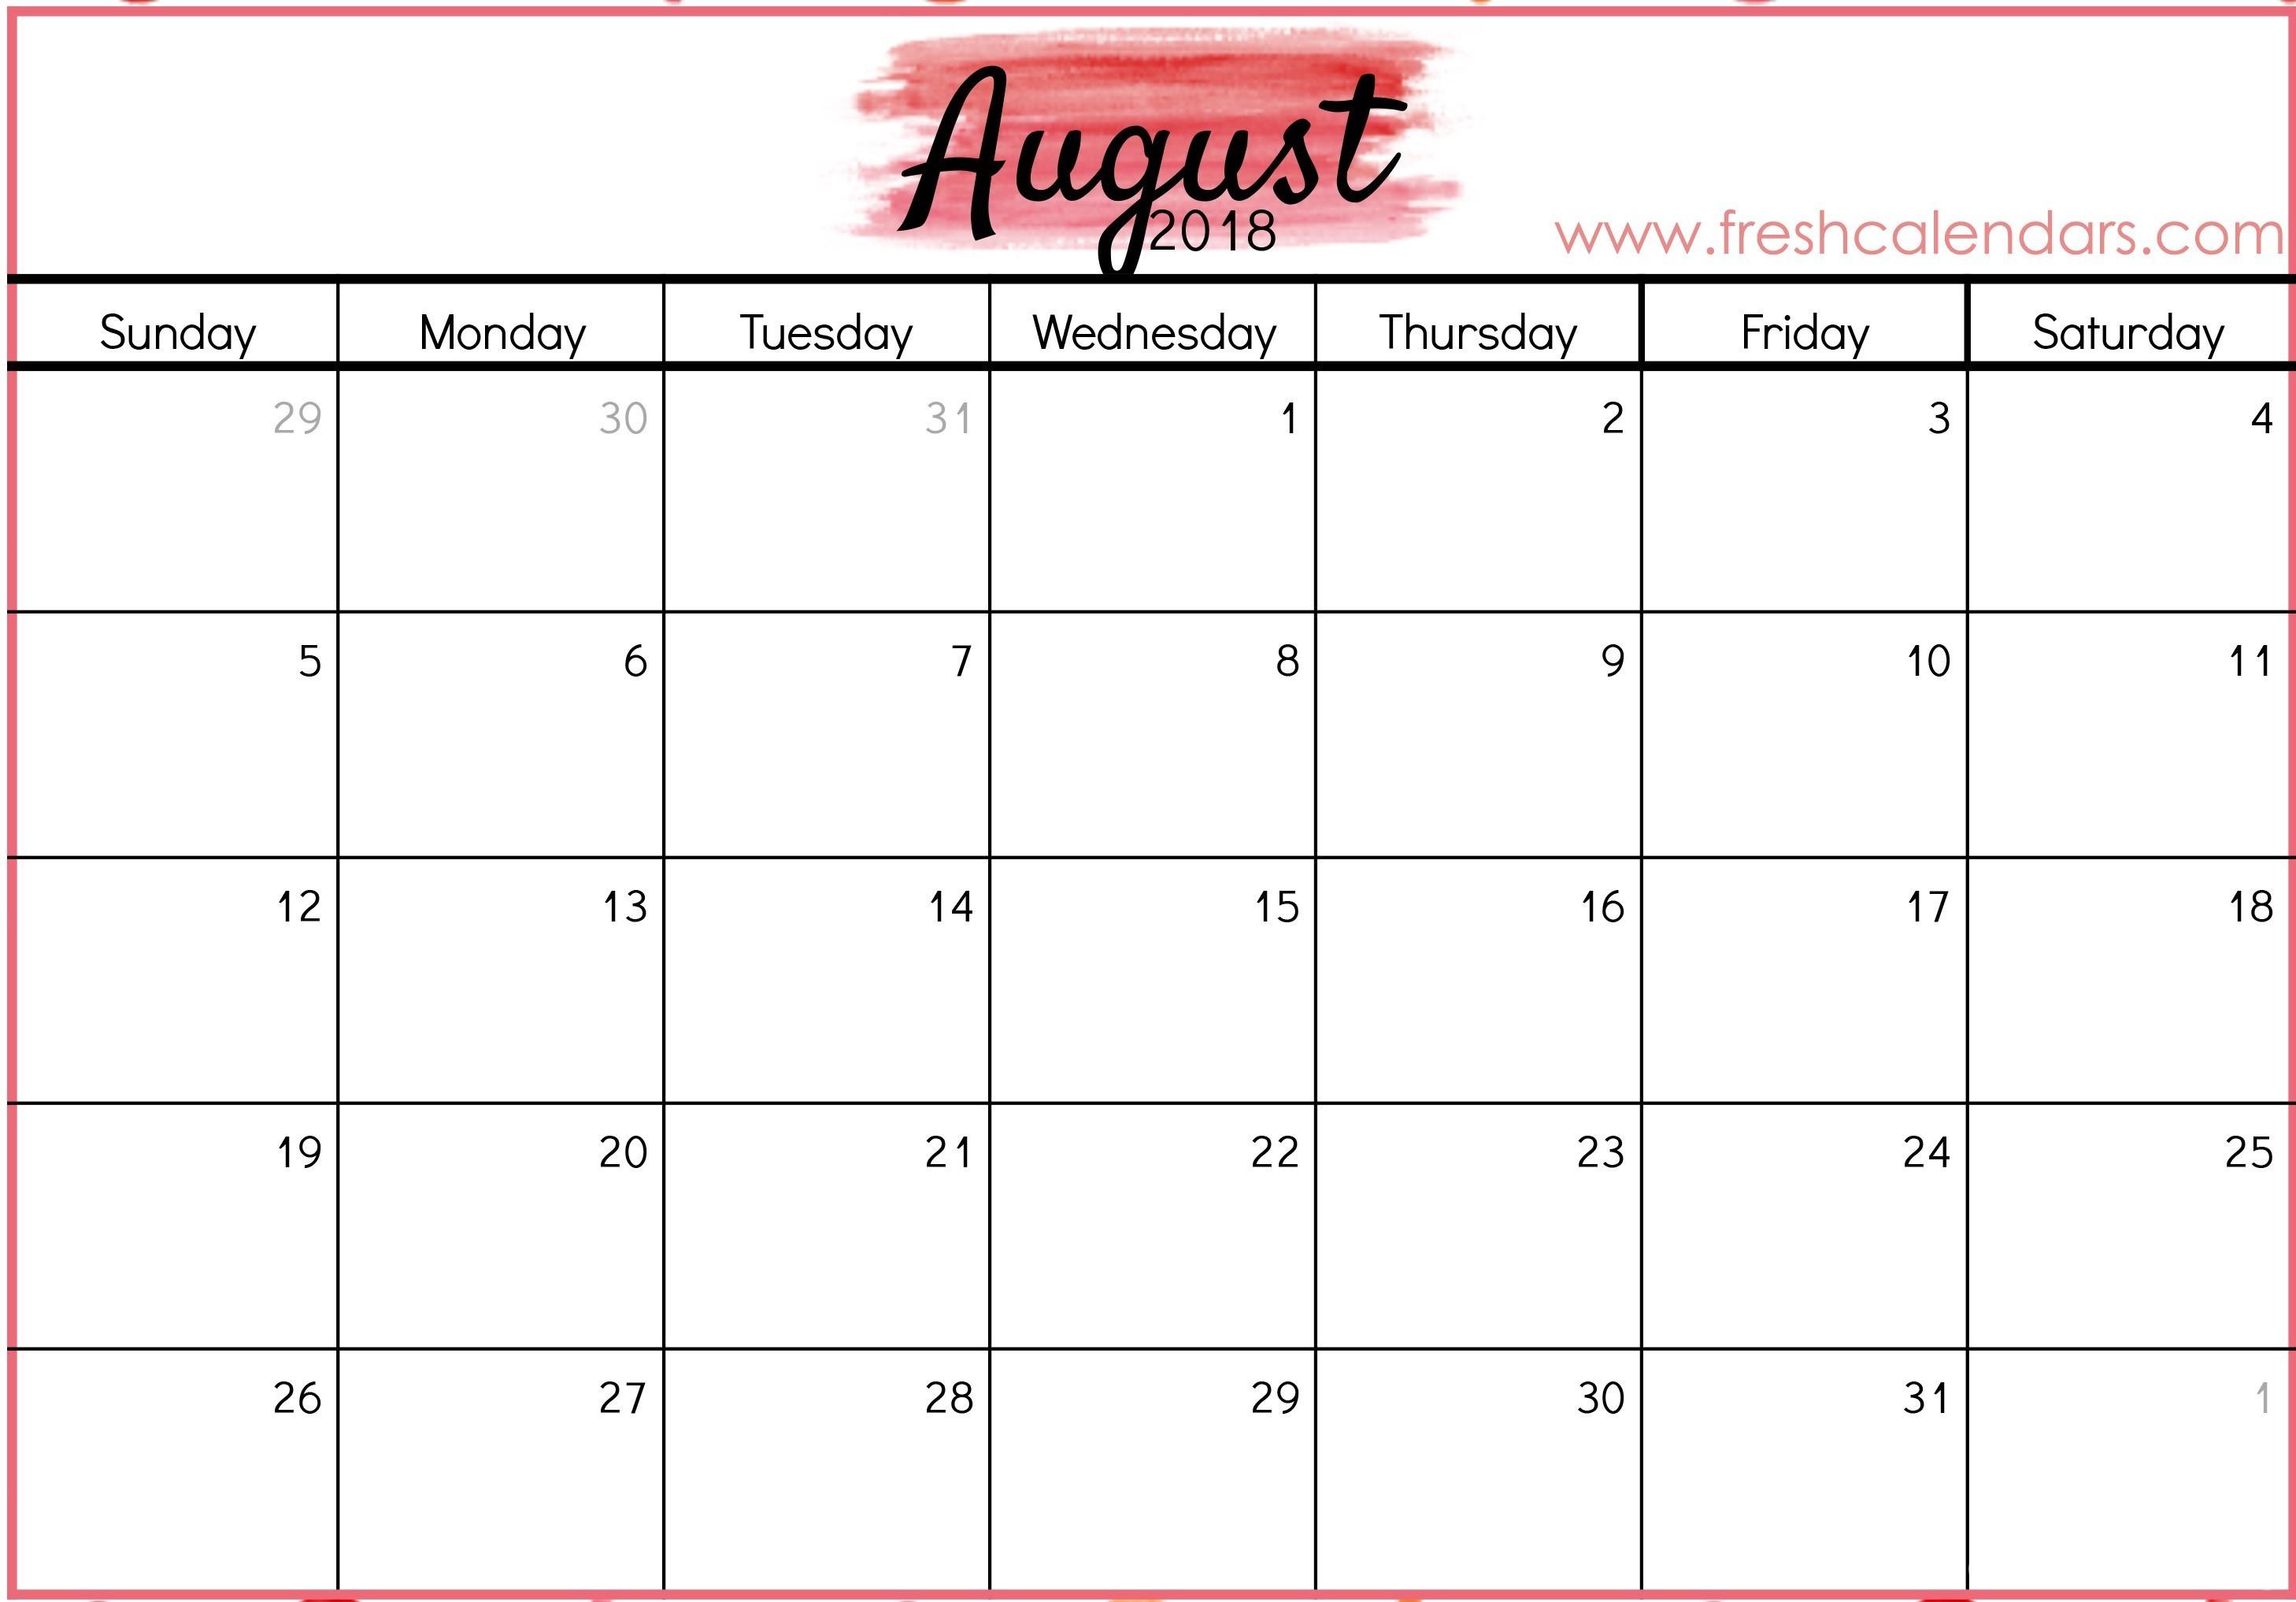 Calendario 2019 De Chile Con Feriados Para Imprimir Más Populares Es Decir Calendario 2019 Para Imprimir Excel Of Calendario 2019 De Chile Con Feriados Para Imprimir Actual Calendario 2017